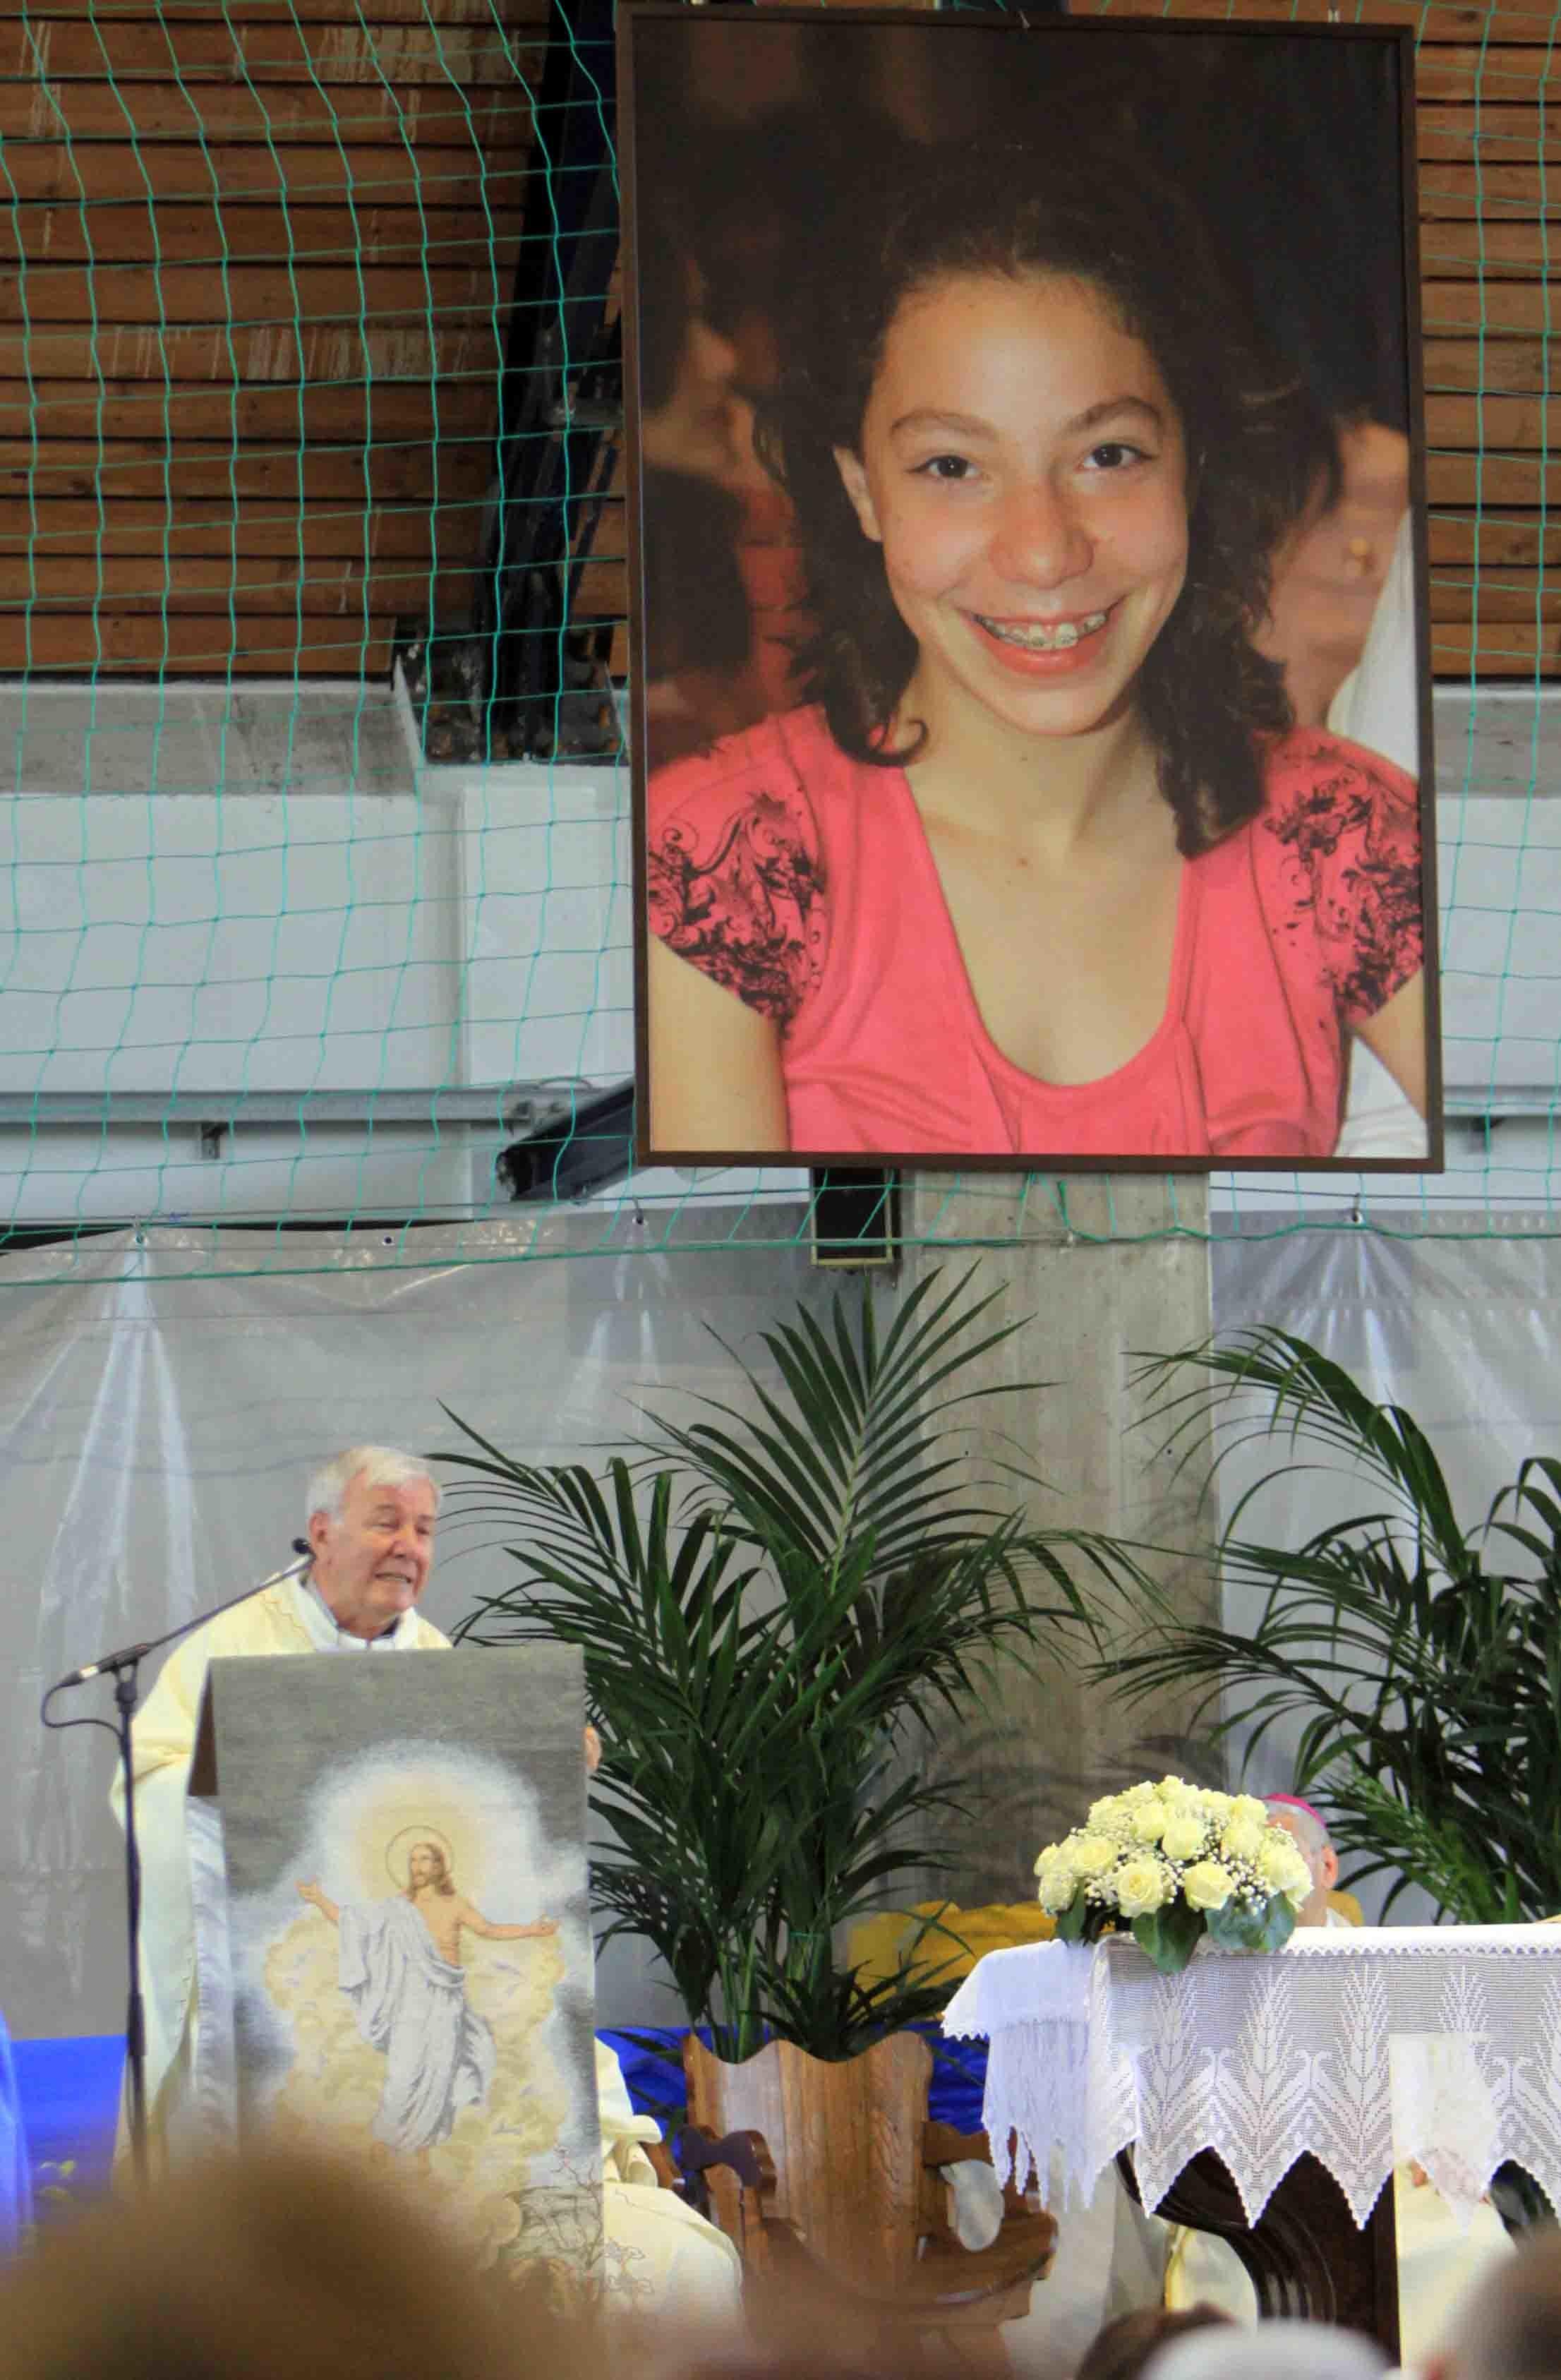 Dal dna al furgone di Bossetti: le indagini e il processo sull'omicidio di Yara Cambirasio